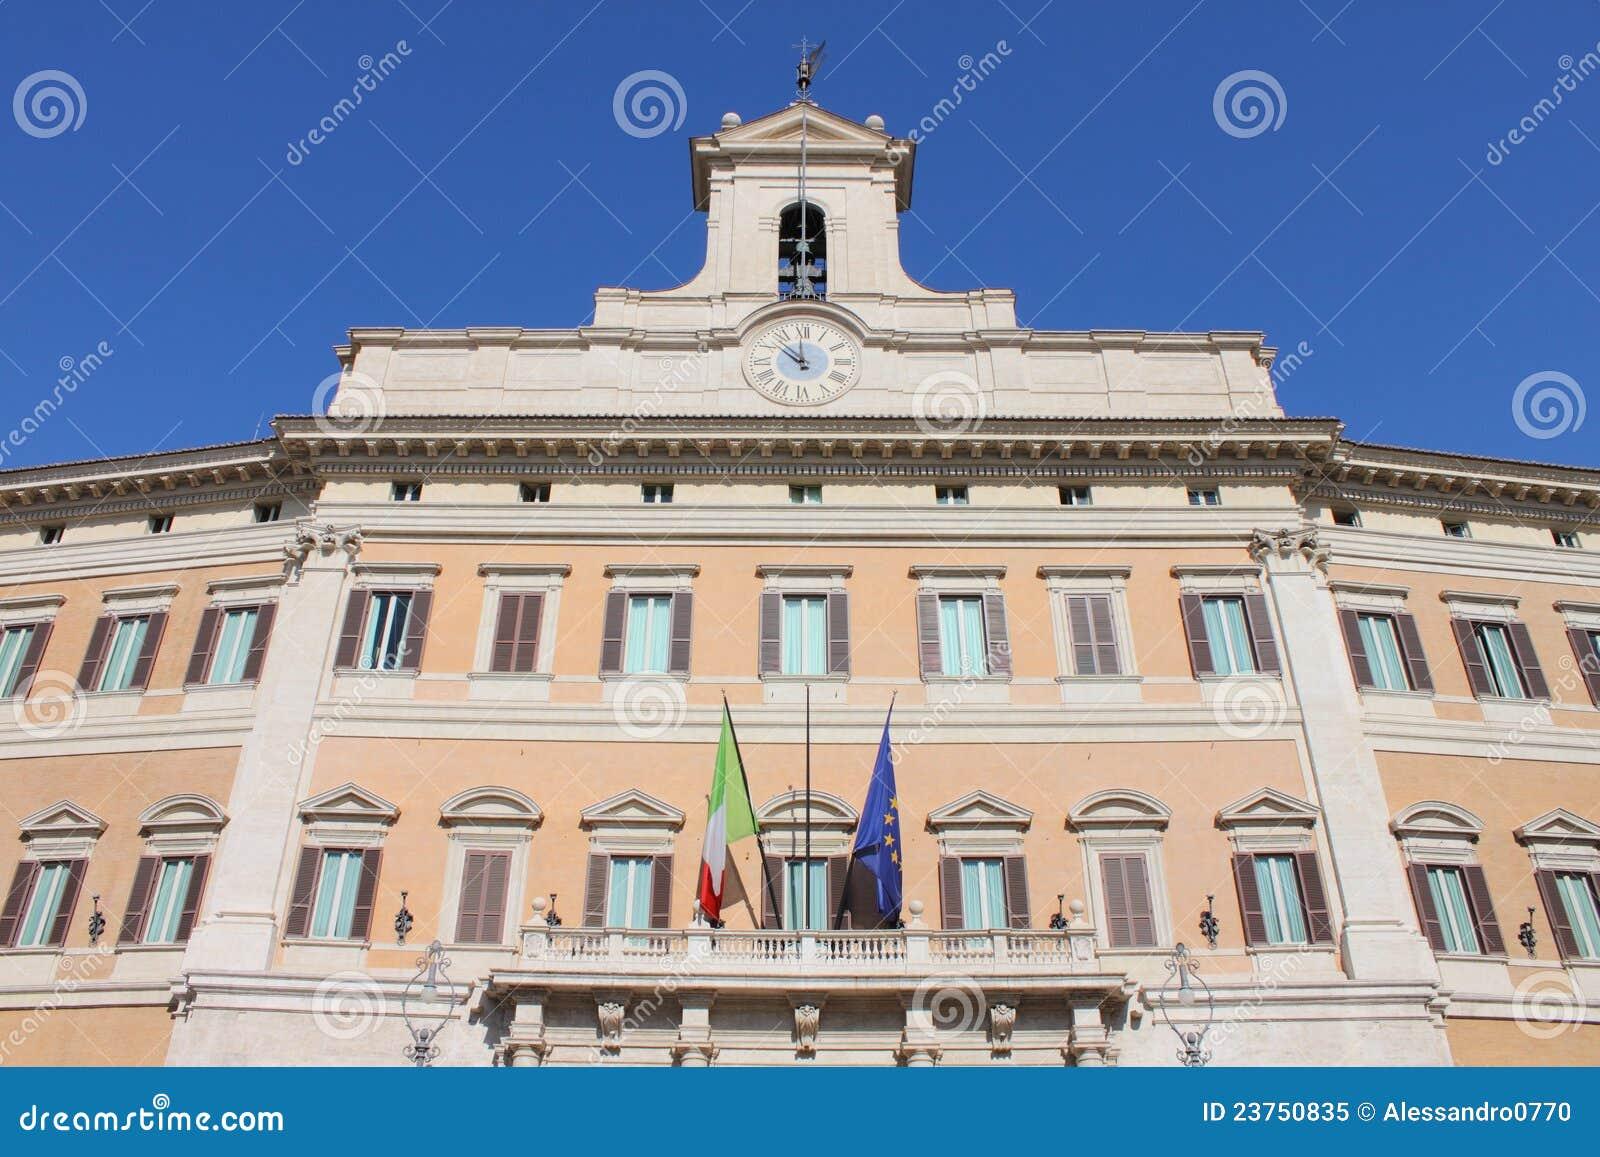 O parlamento italiano foto de stock royalty free imagem for Immagini parlamento italiano